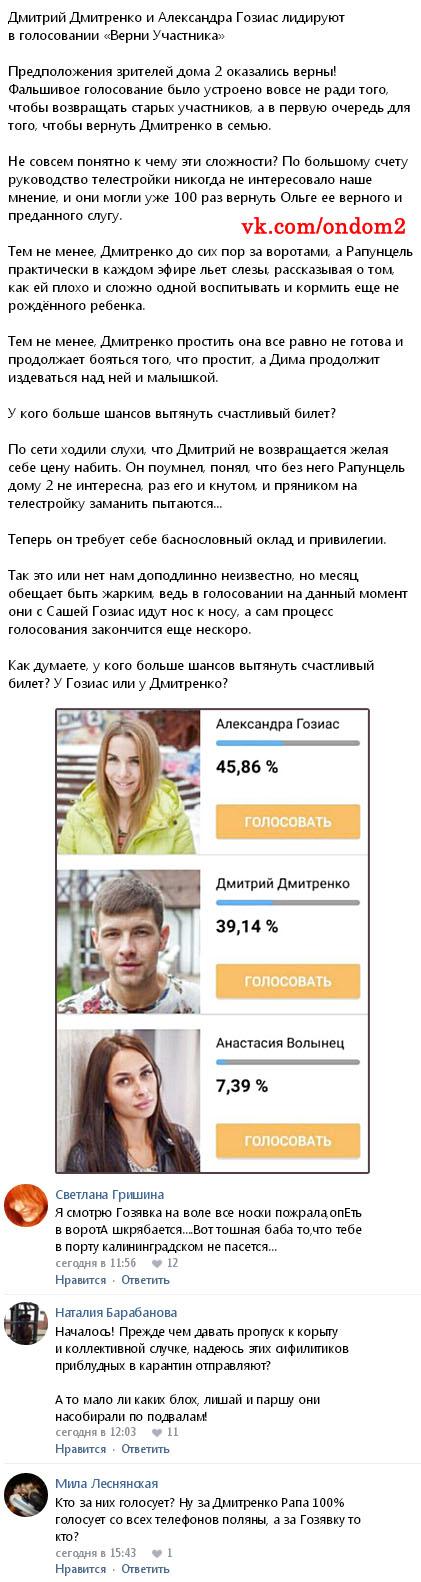 Новость про возвращение Дмитрия Дмитренко и Александры Гозиас на дом 2 вконтакте